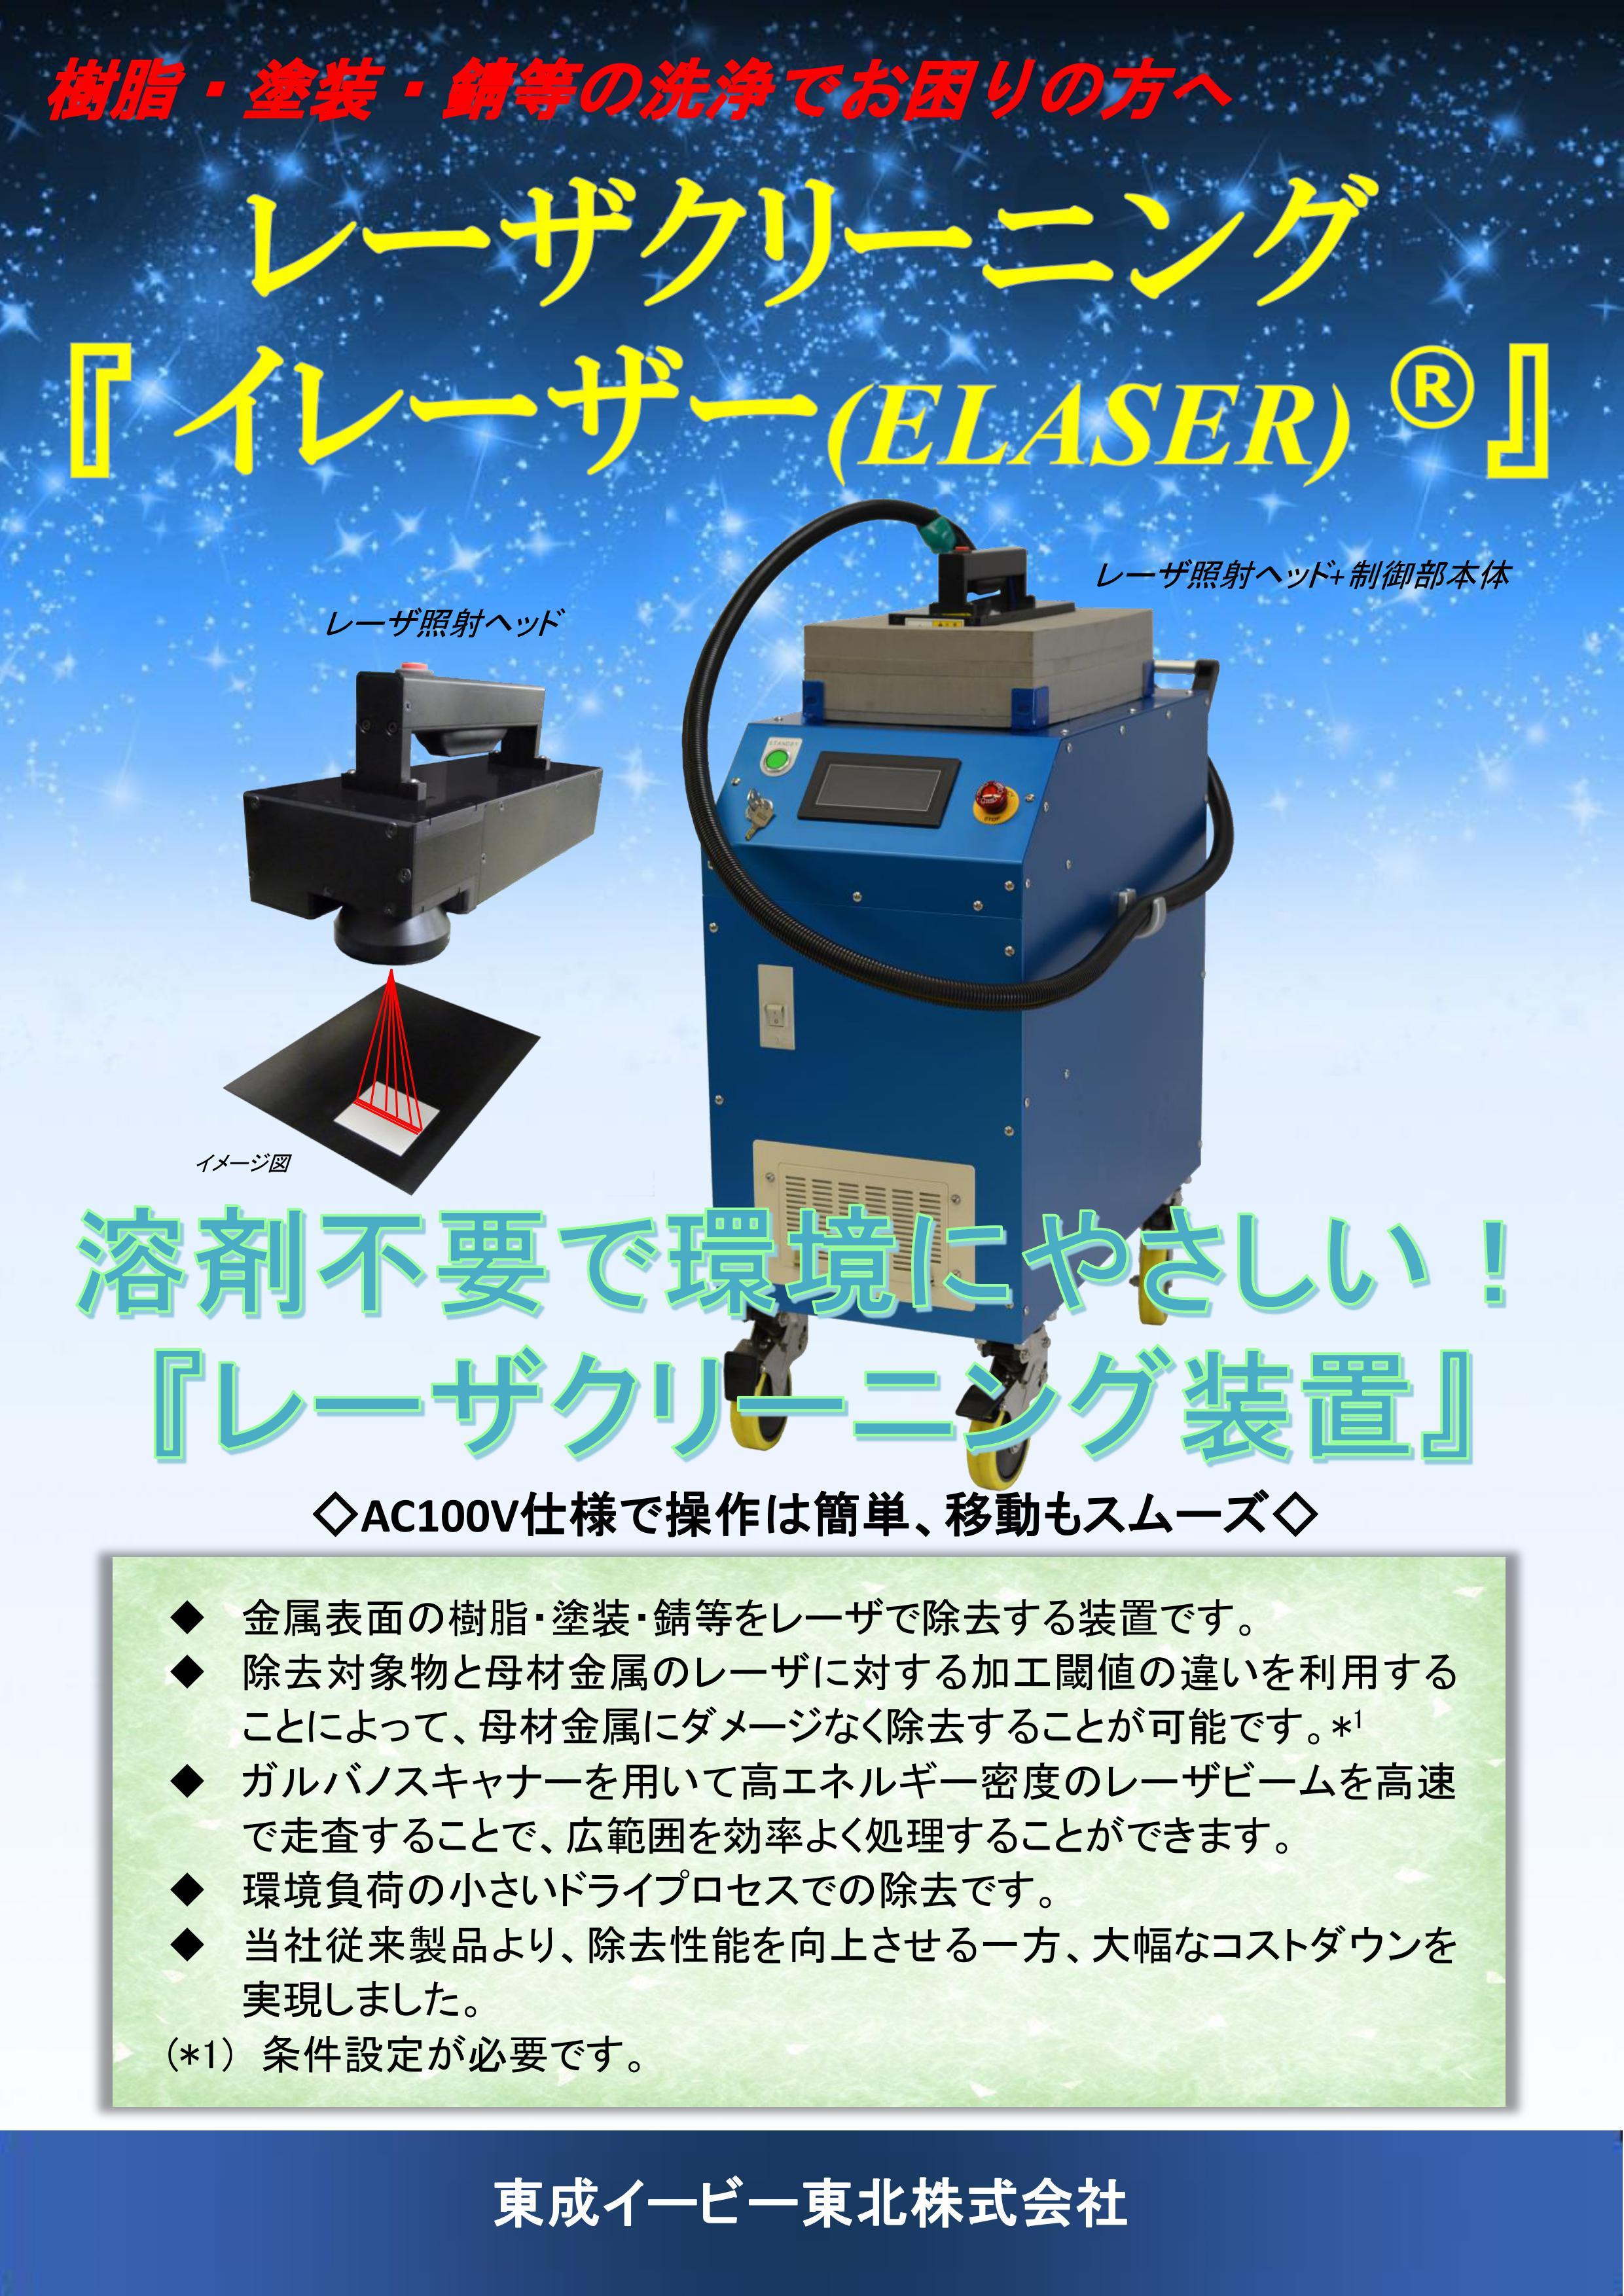 レーザクリーニング装置『イレーザー/ELASER』